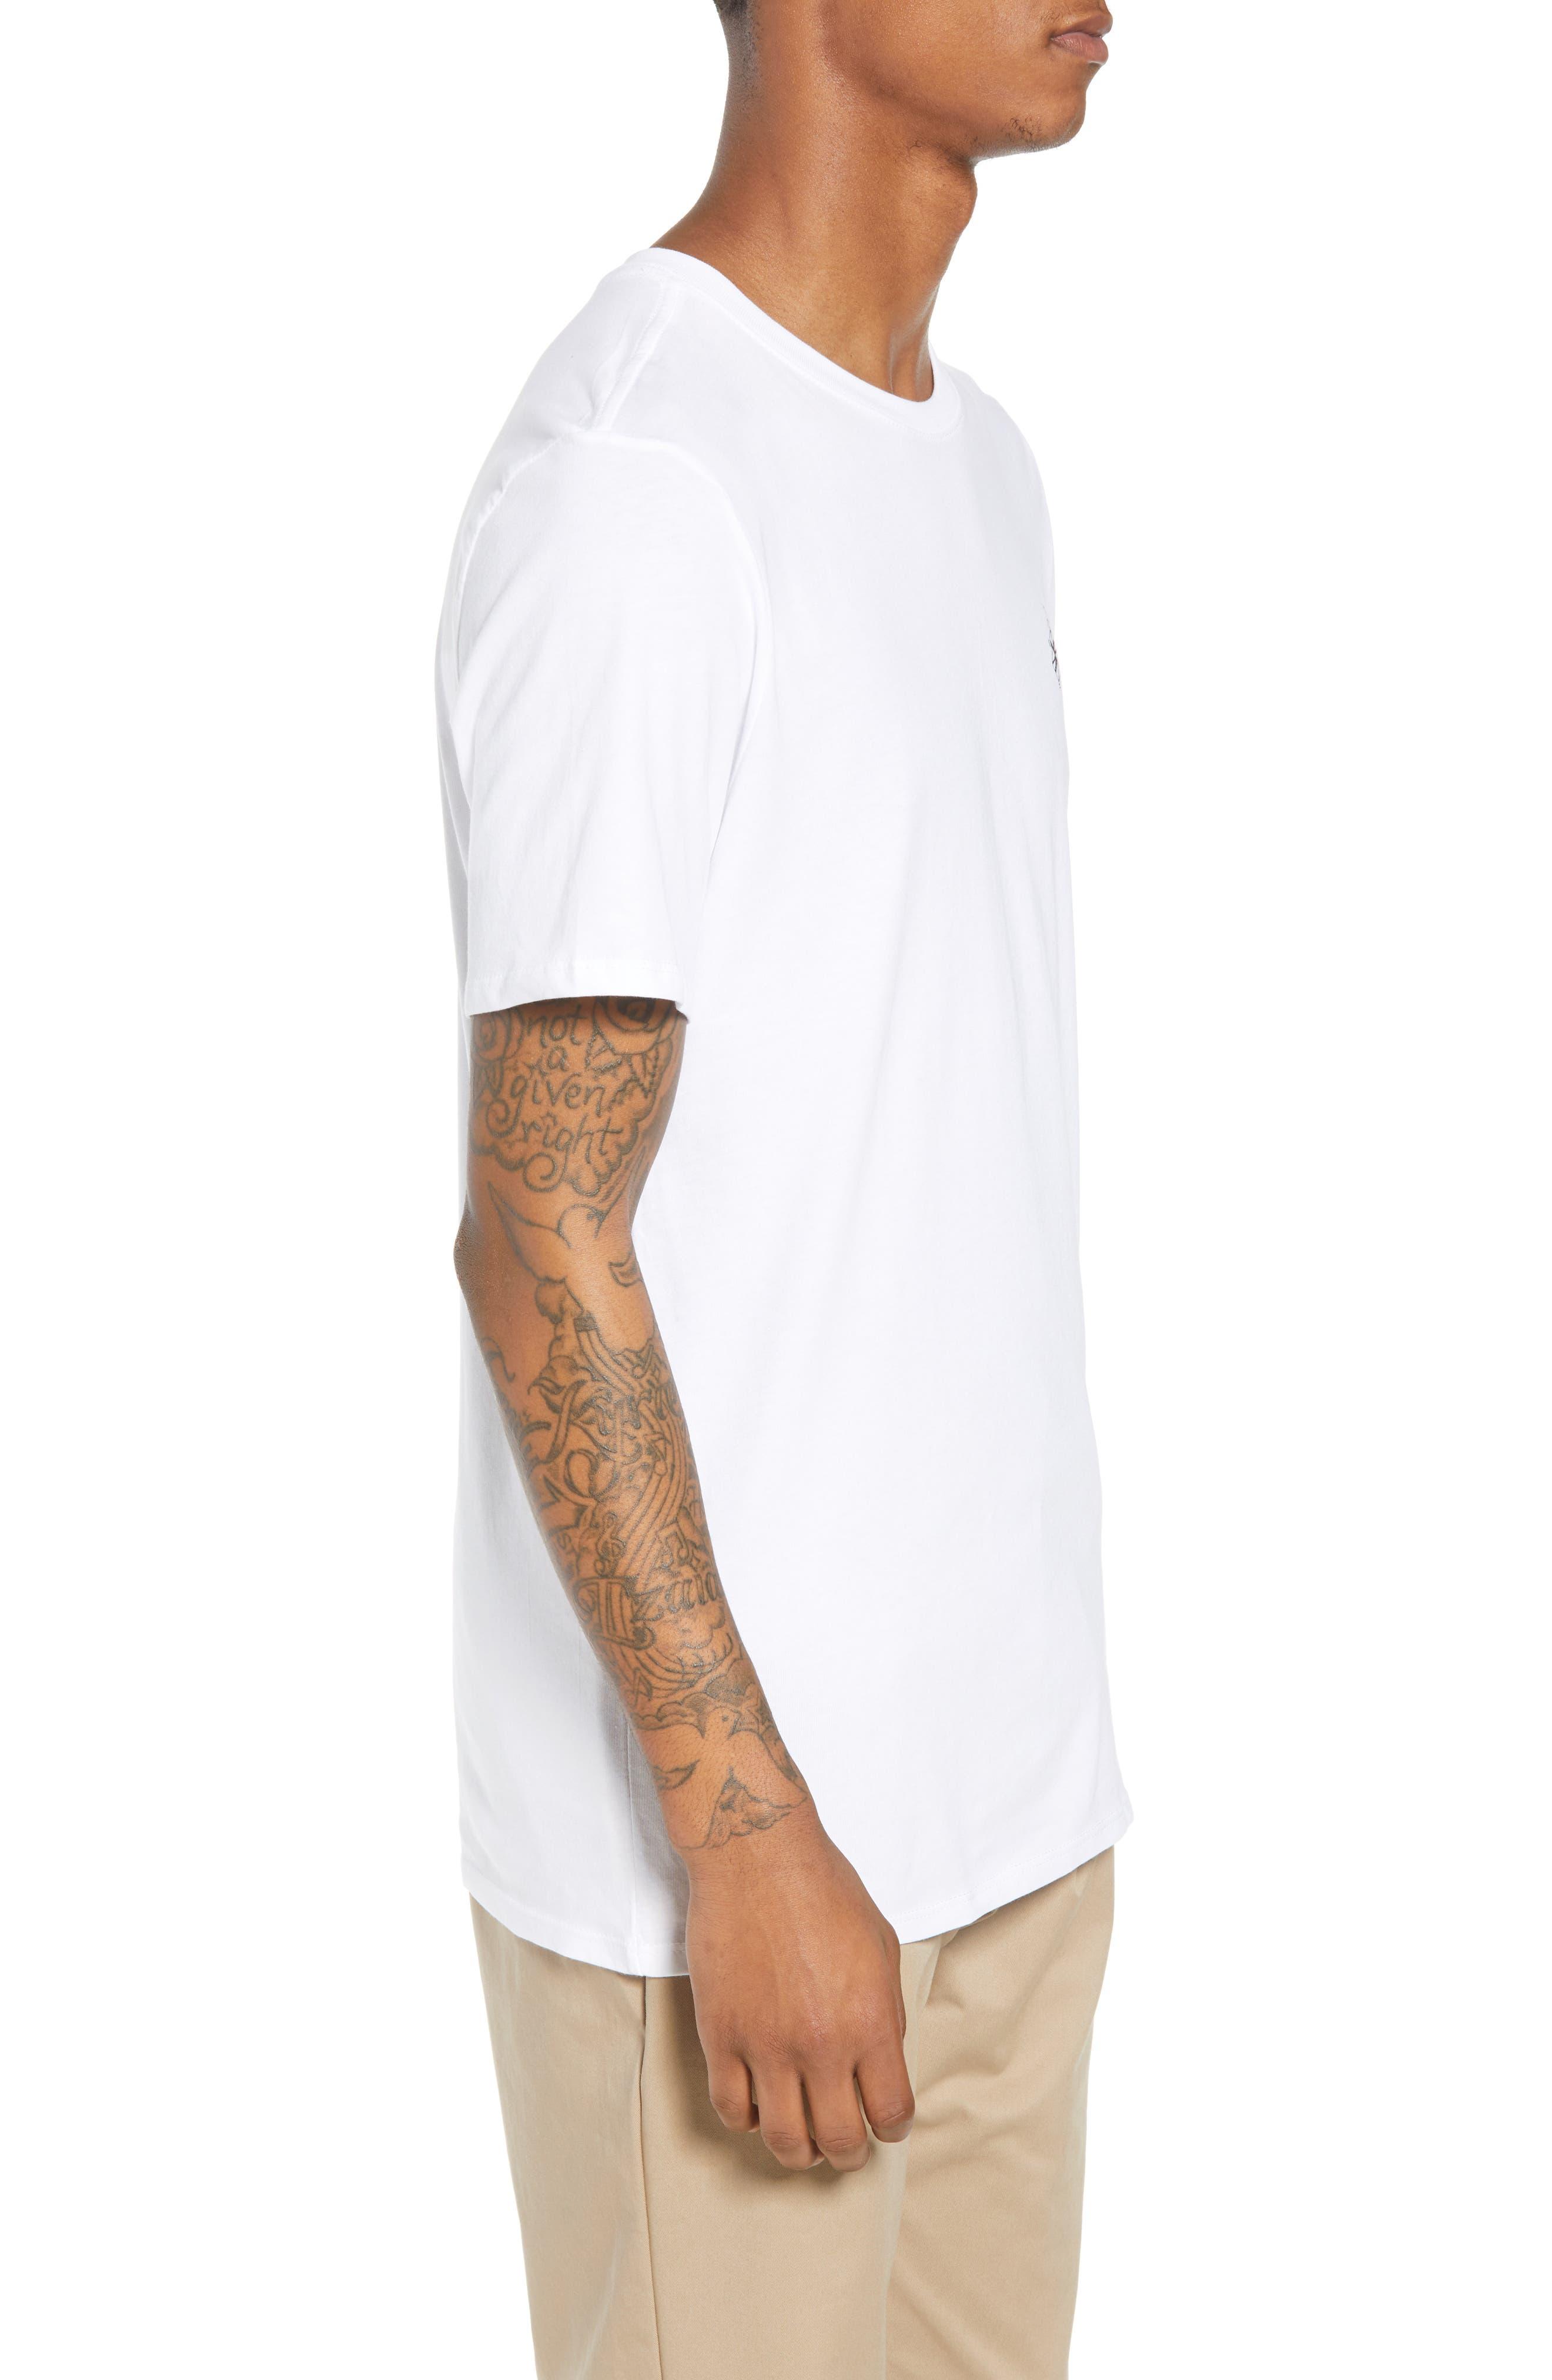 SB Monuments T-Shirt,                             Alternate thumbnail 3, color,                             White/ Black